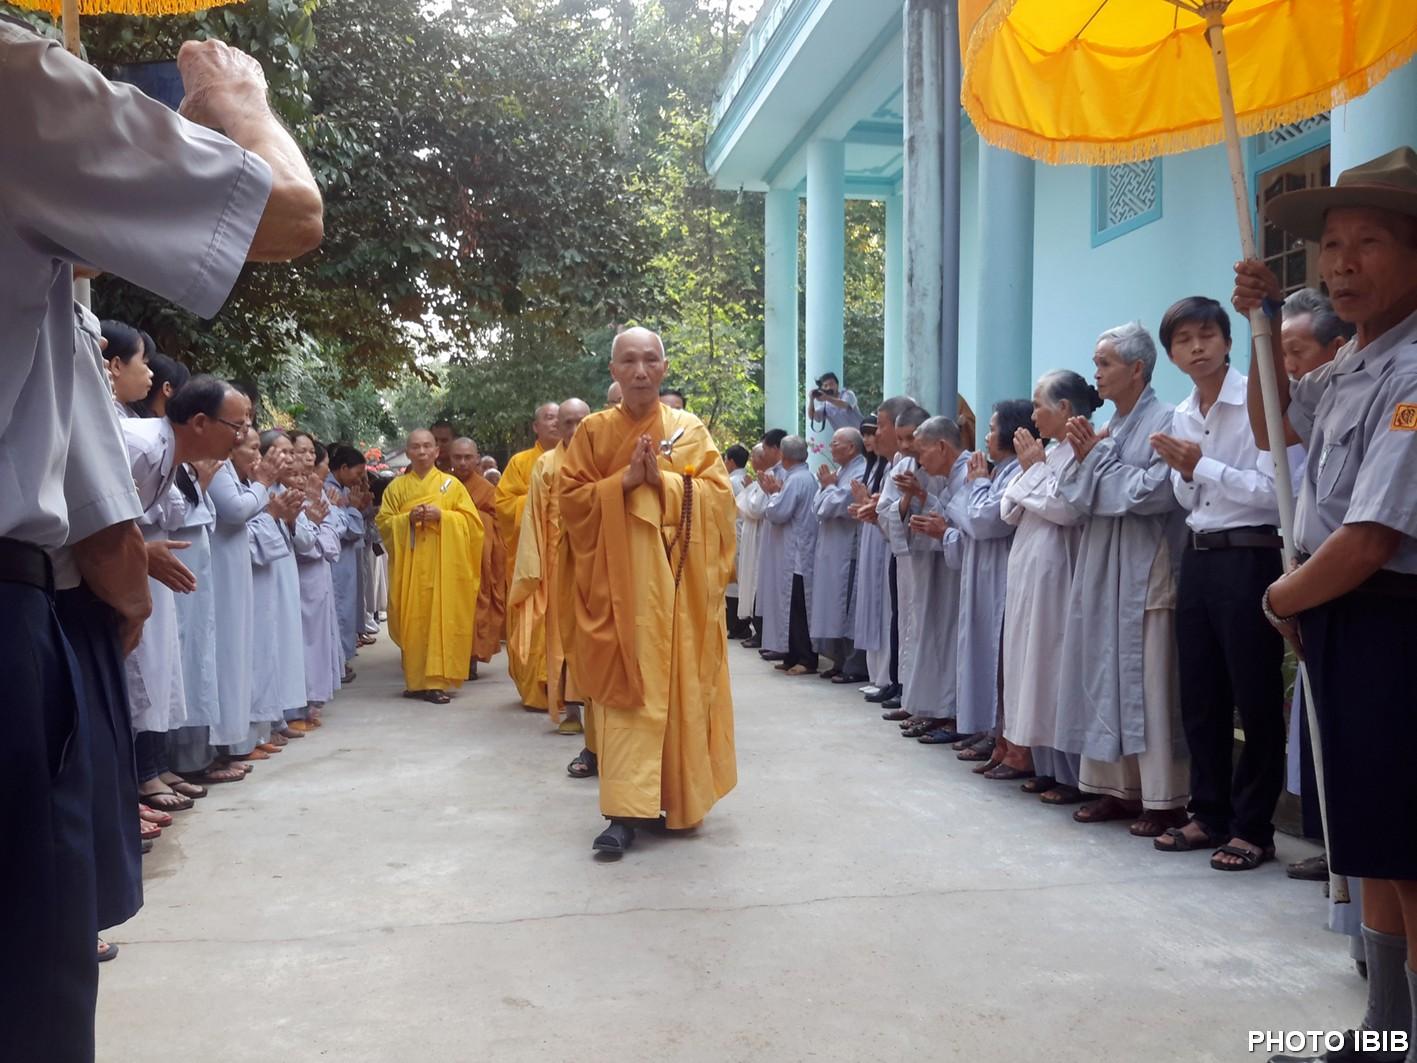 Hoà thượng Thích Thanh Quang, Phó Viện trưởng Viện Hoá Đạo, cùng chư Tăng Long Quang tiến vào phương trượng rước pháp thân ngài